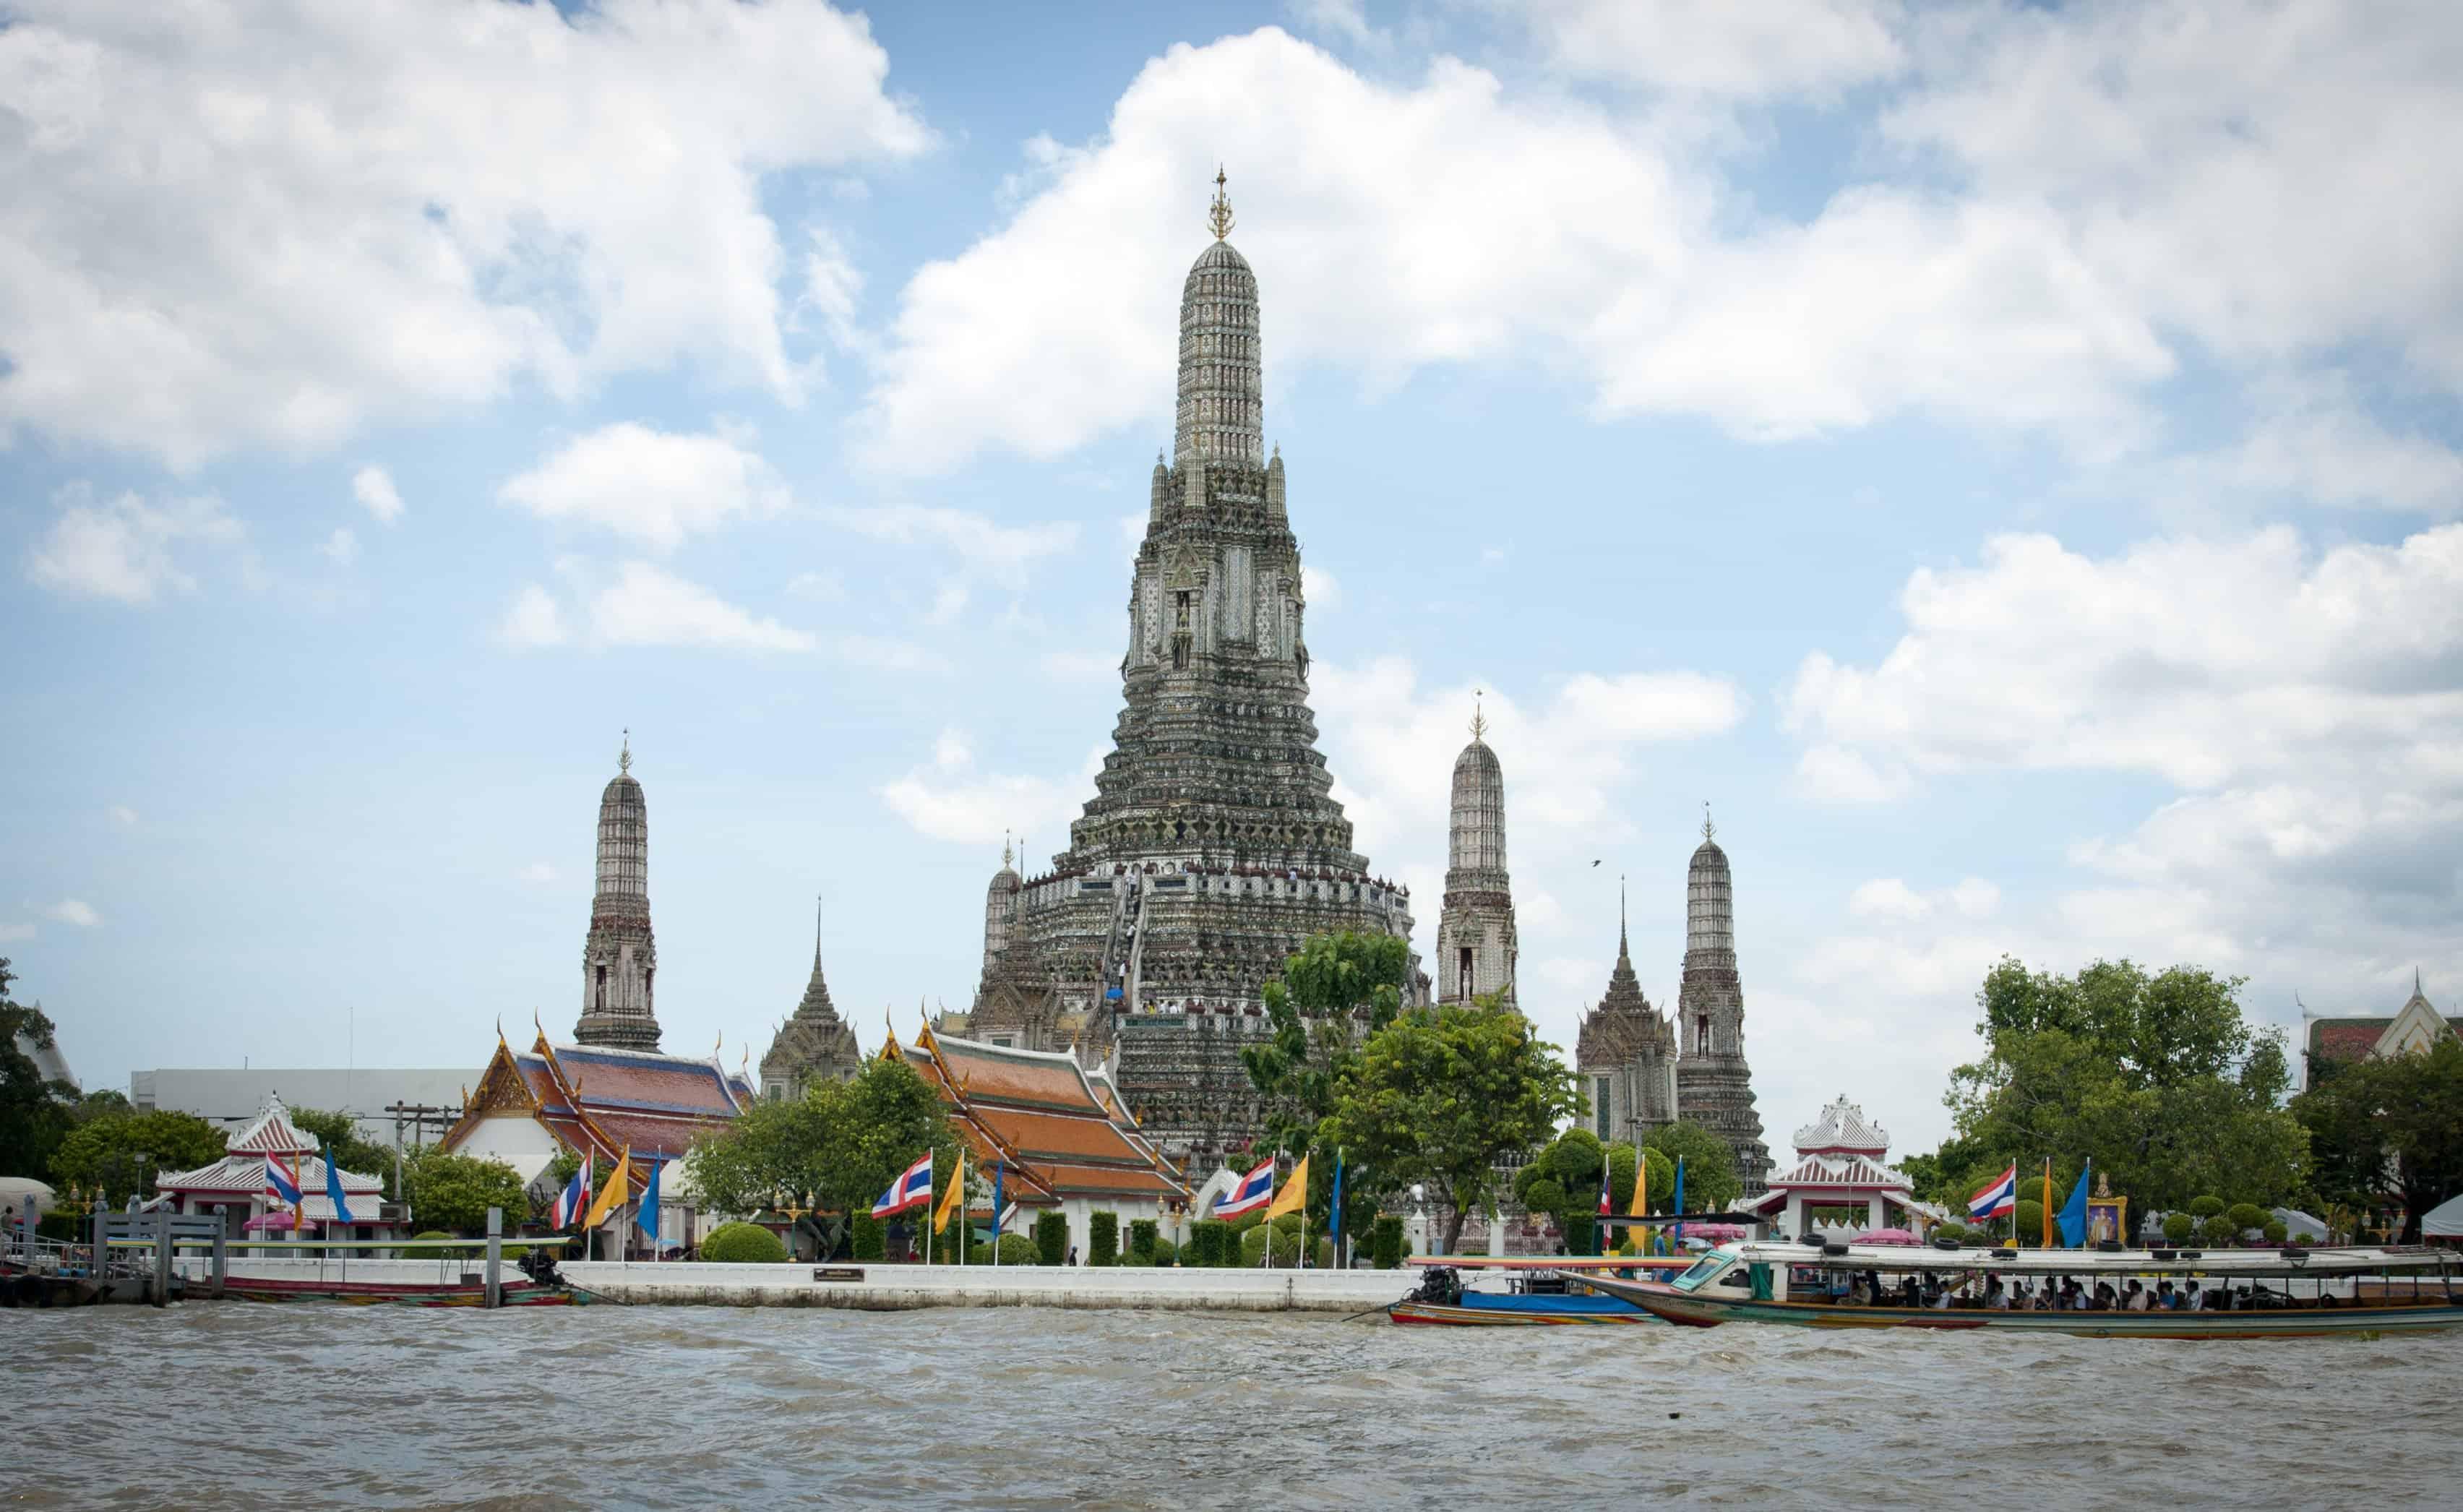 افضل 3 انشطة عند معبد وات ارون في بانكوك